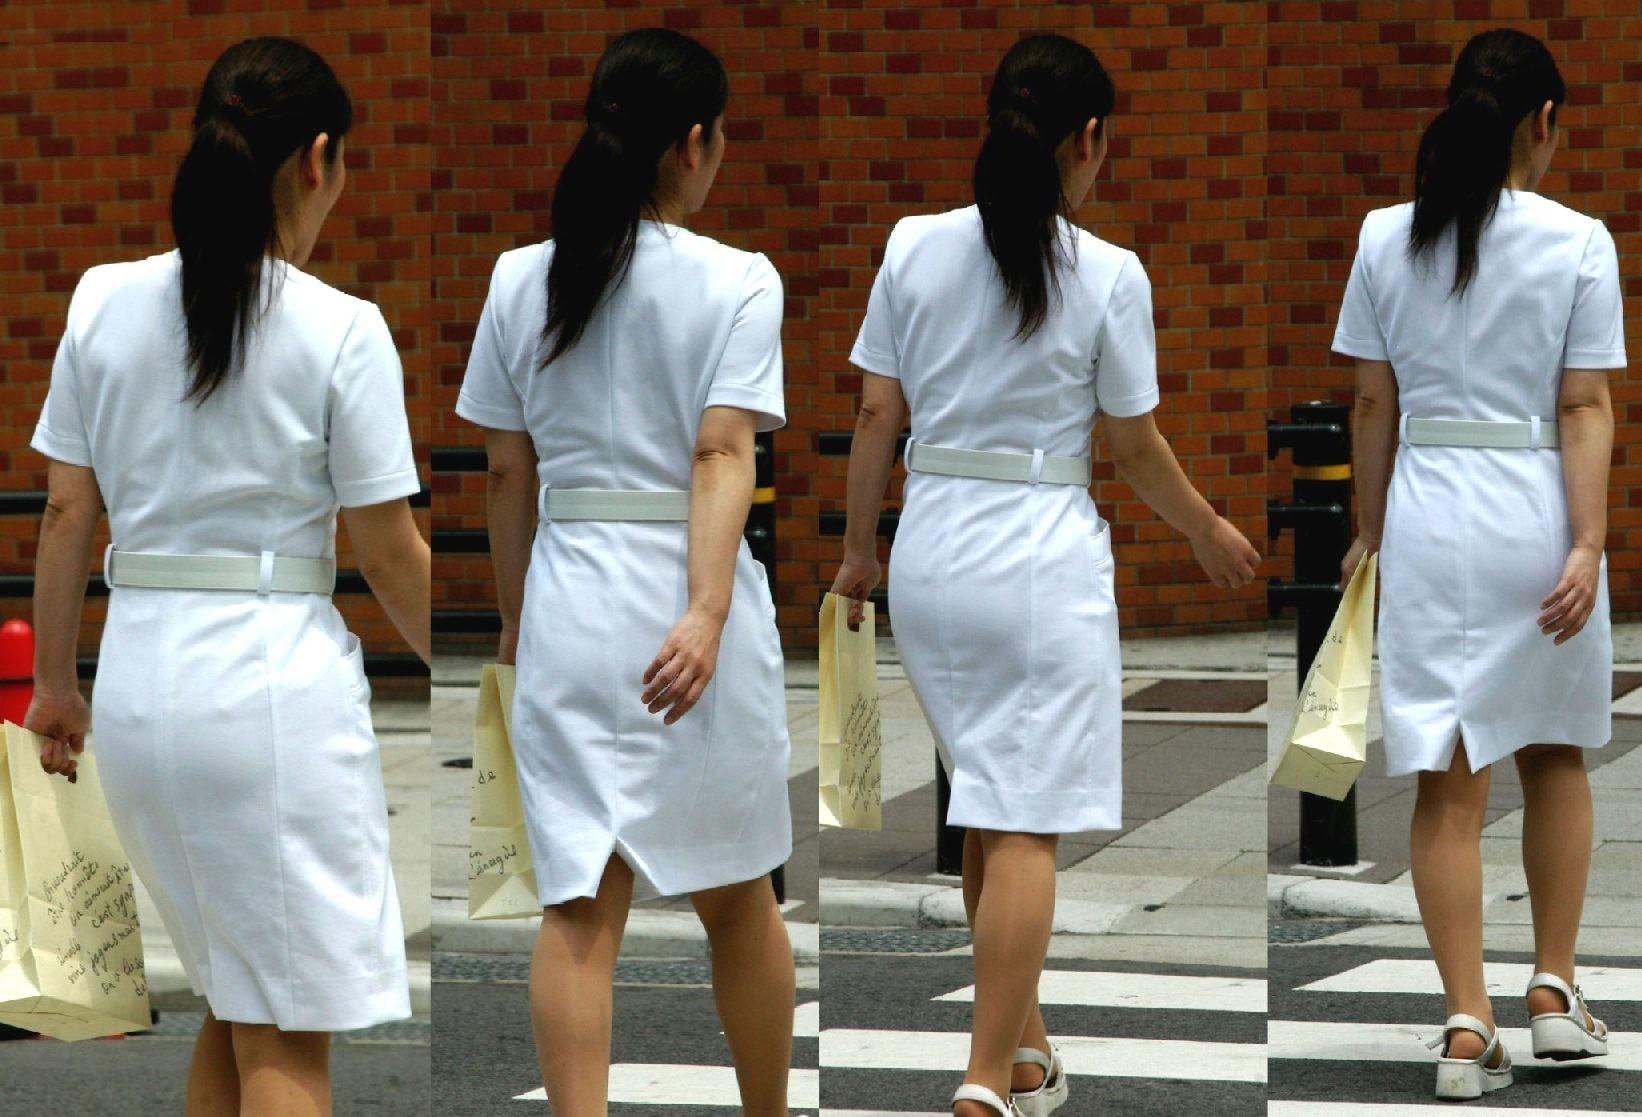 【ナースエロ画像】鉄壁の白衣でもなかったりする看護師たちの下着透けwww 11